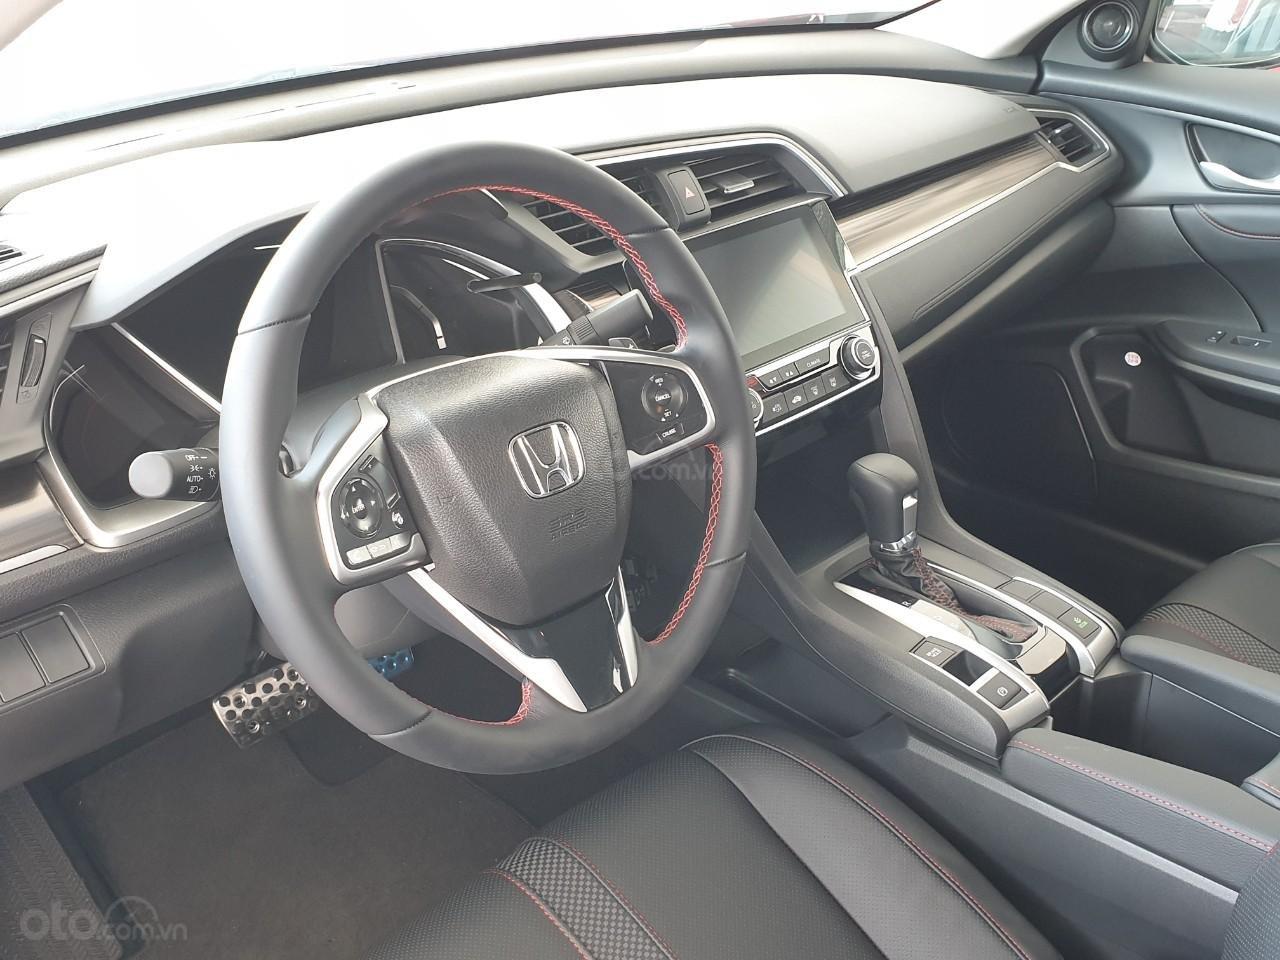 Honda Bắc Giang giảm giá sôc, xe Honda cuối năm, liên hệ: TPBH 0941 367 999 (3)